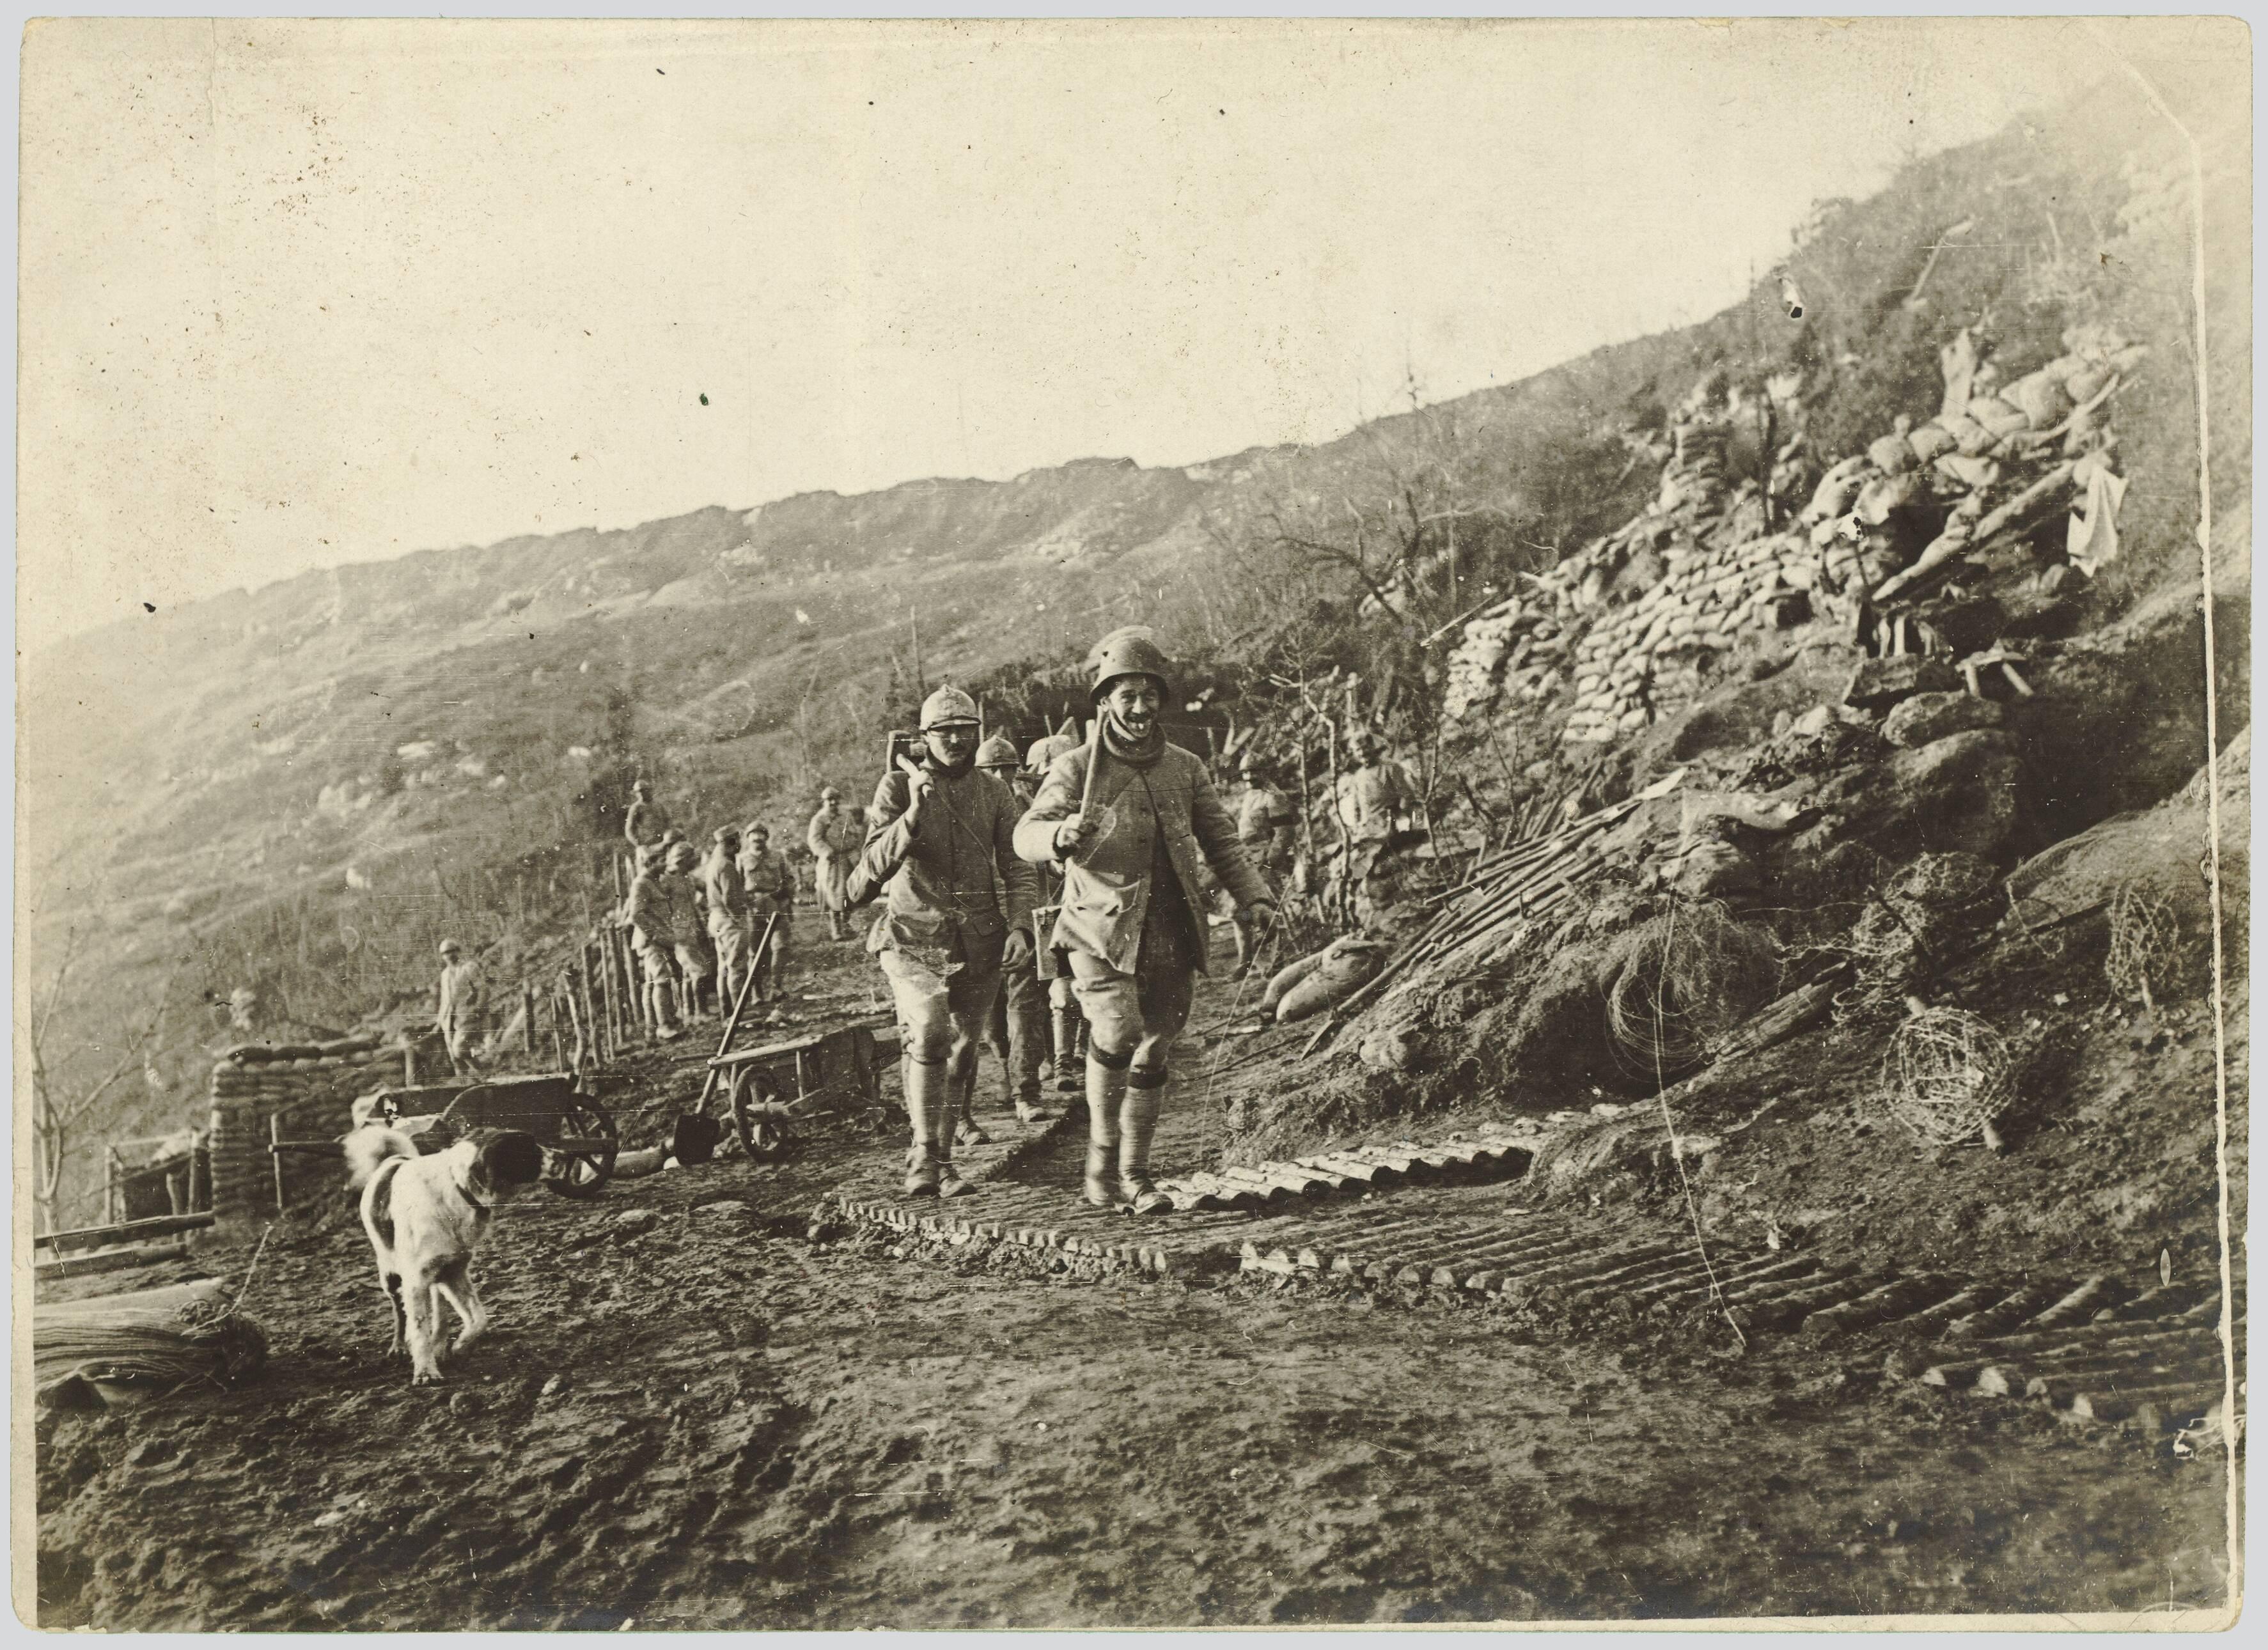 AISNE. SUD-OUEST DE COURTECON. LA FERME DES GRELINES. UNE CORVEE. 13 NOVEMBRE 1917